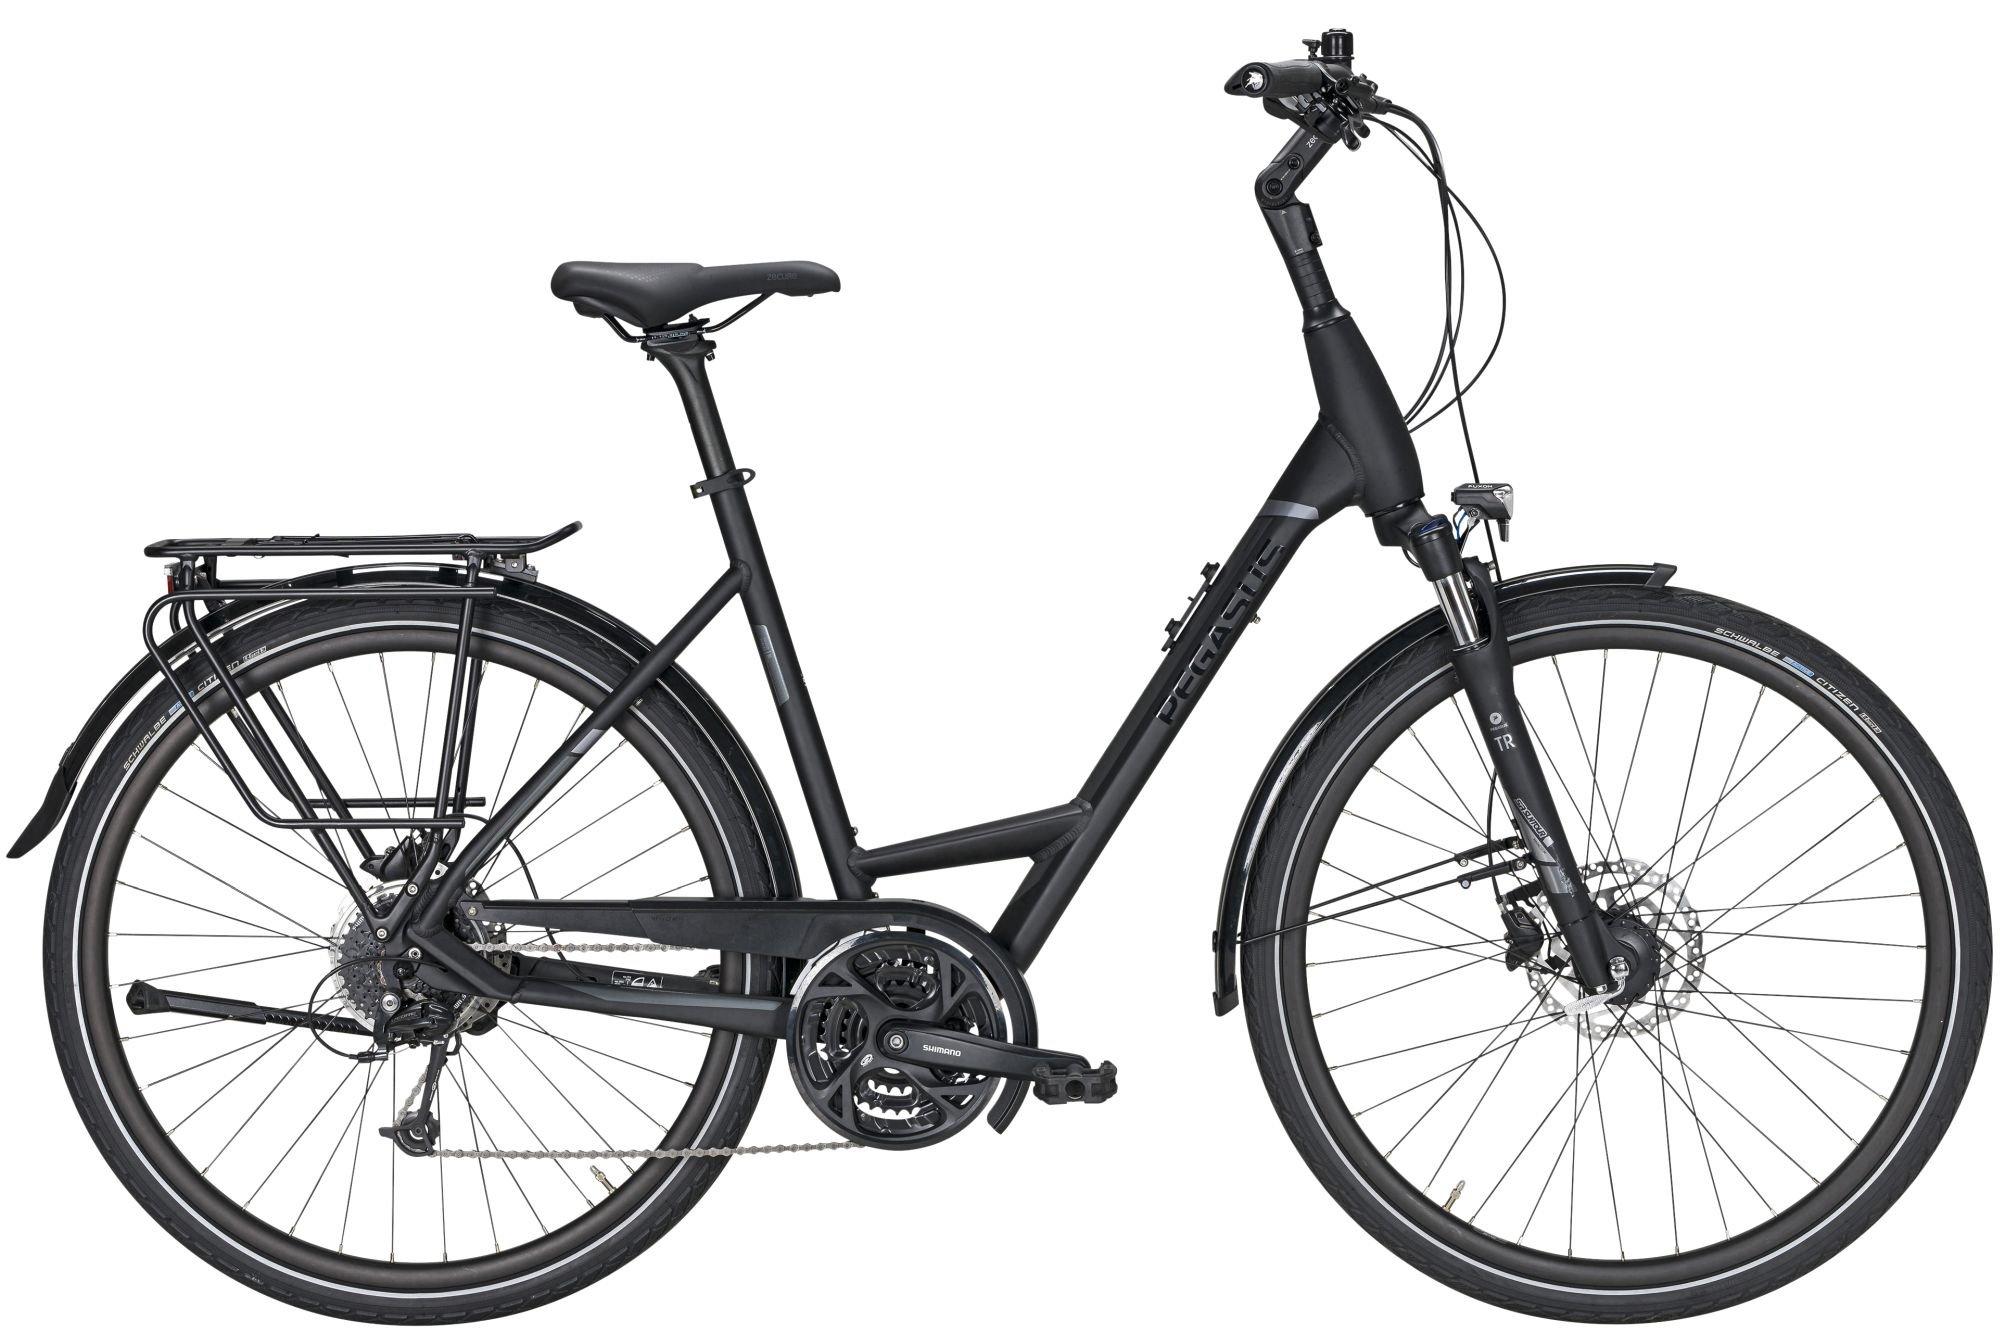 Fahrräder/Trekkingräder: Pegasus  Strong SL 27 Gang Kettenschaltung Damenfahrrad Wave Modell 2021 28 Zoll 60 cm